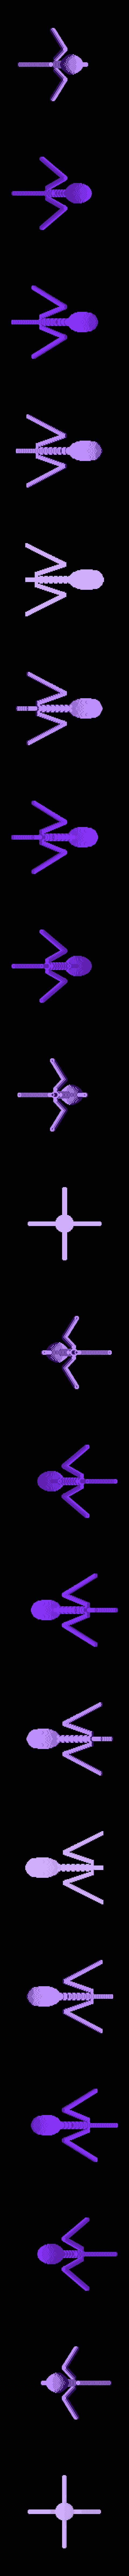 bacteriophage2.stl Télécharger fichier STL gratuit Bactériophage • Design pour imprimante 3D, Balkhubal